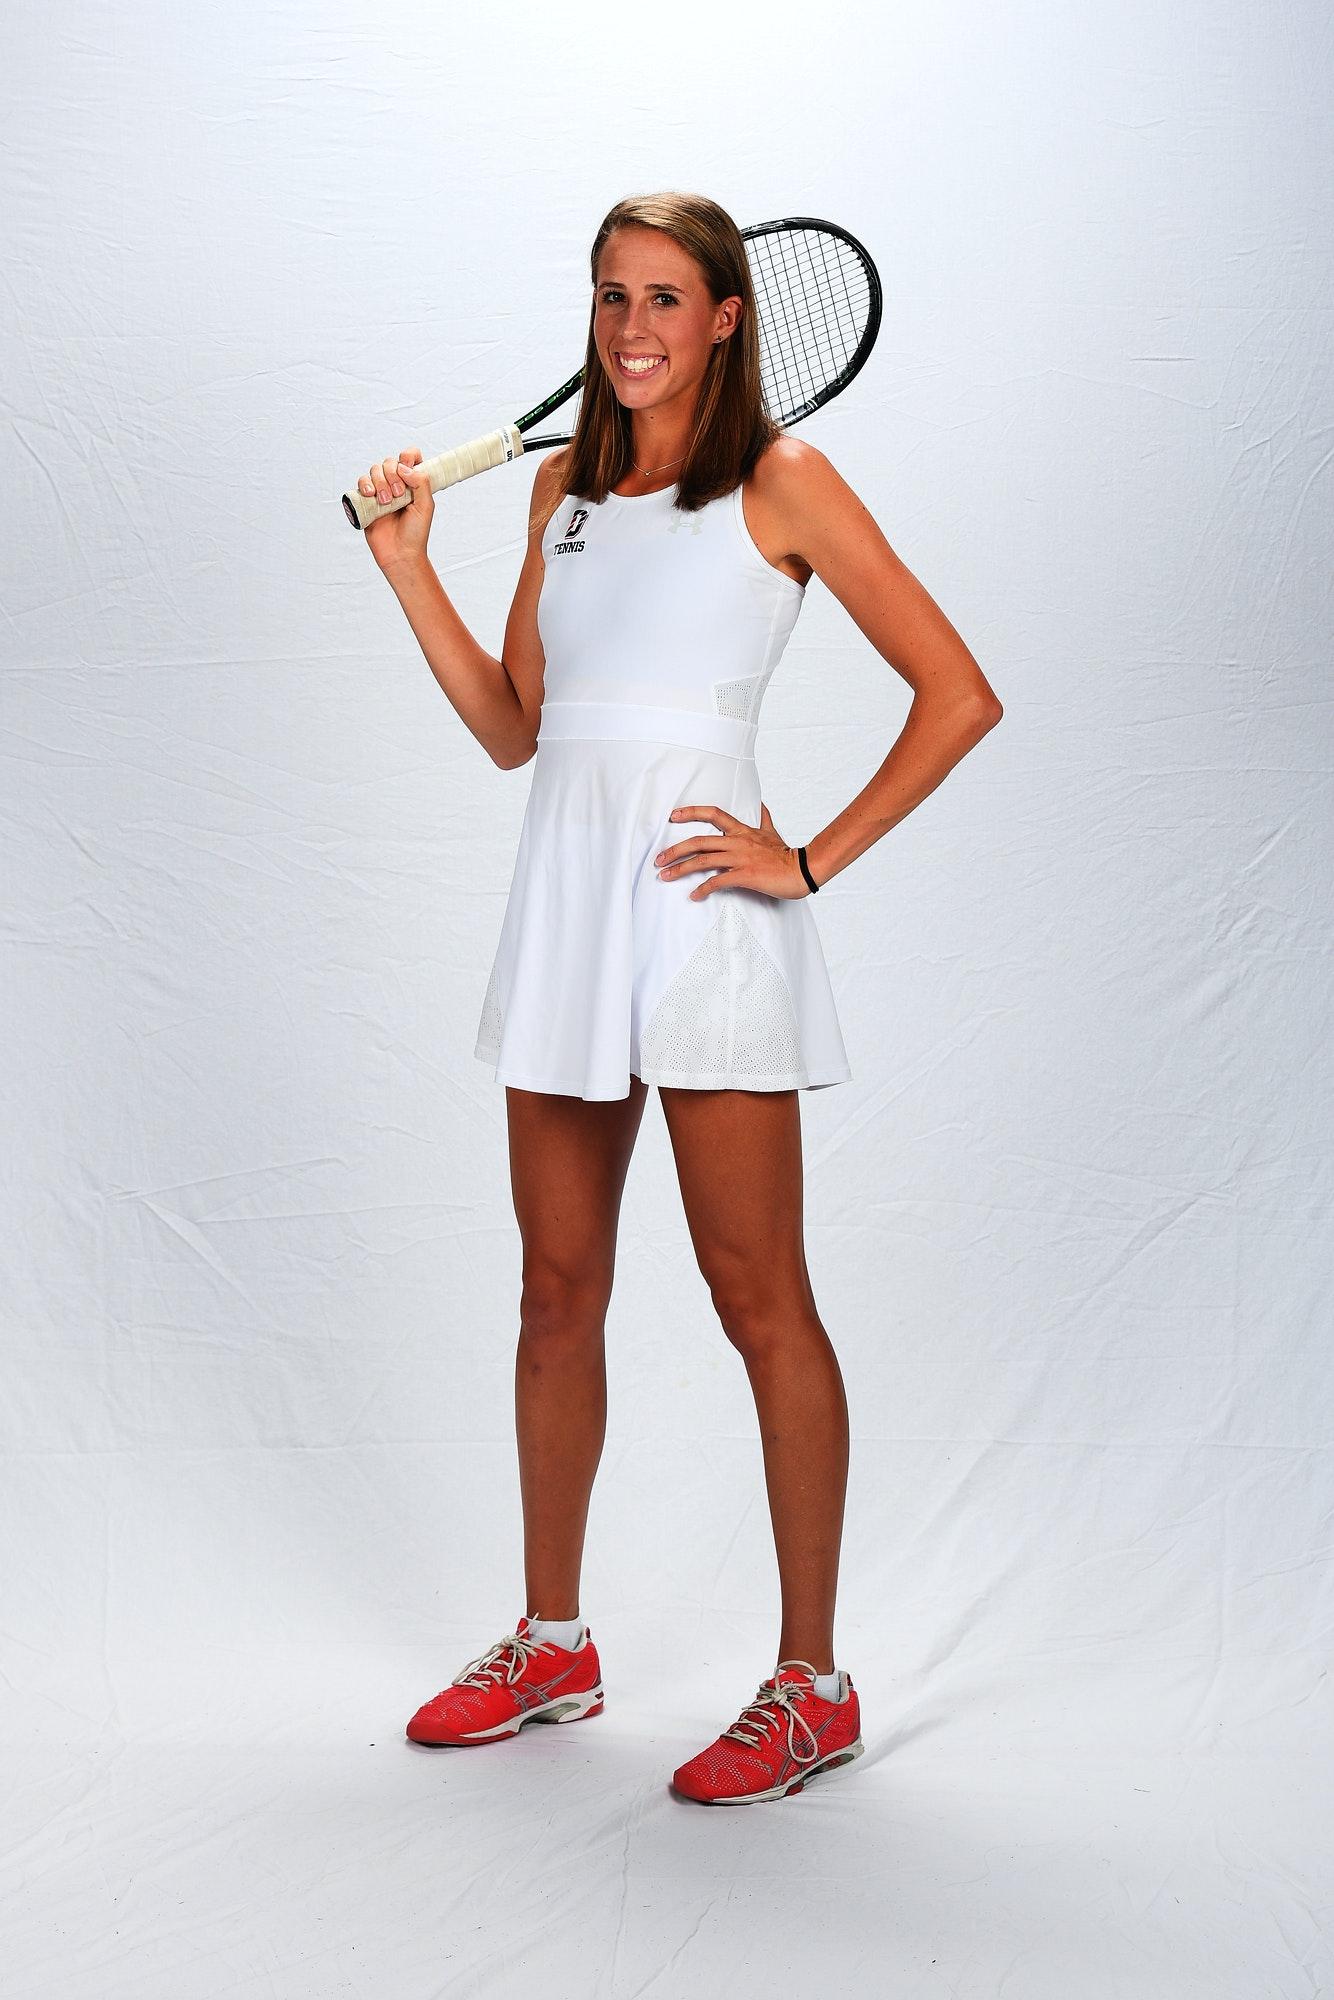 Anna C. teaches tennis lessons in Washington, DC